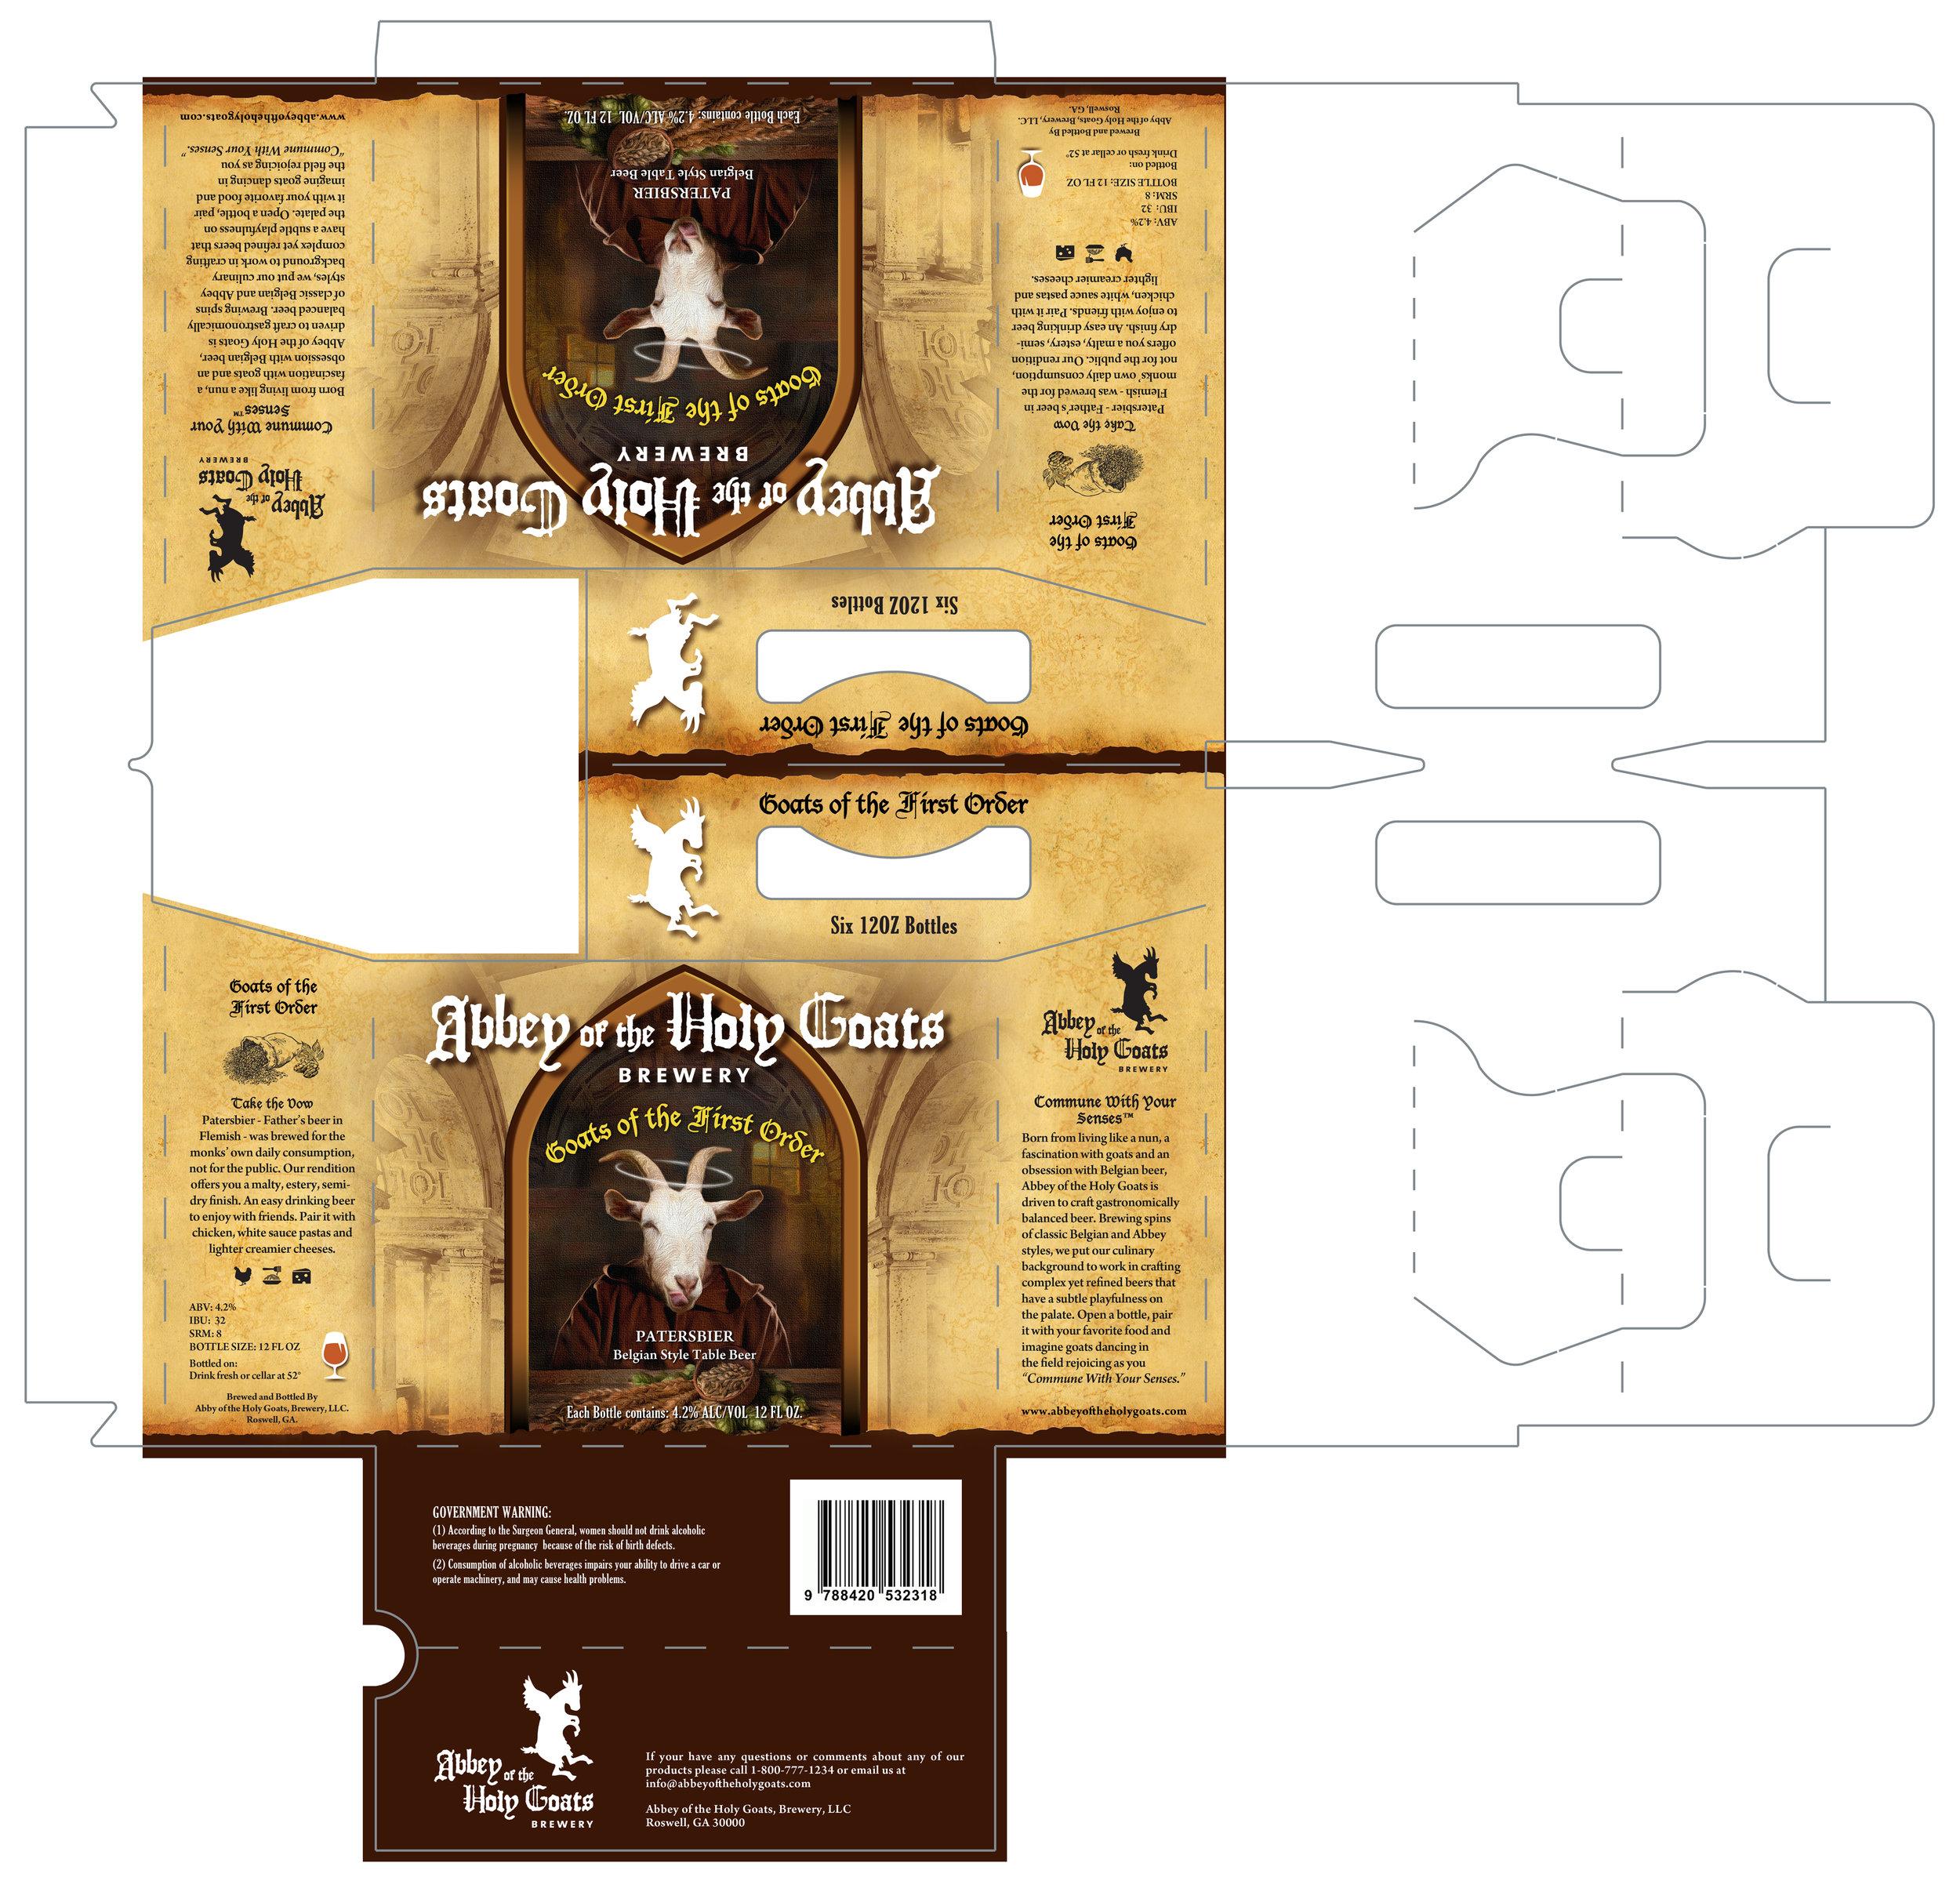 6 Pack Beer Carrier_Goats_of_the_1st_Order_v1.jpg